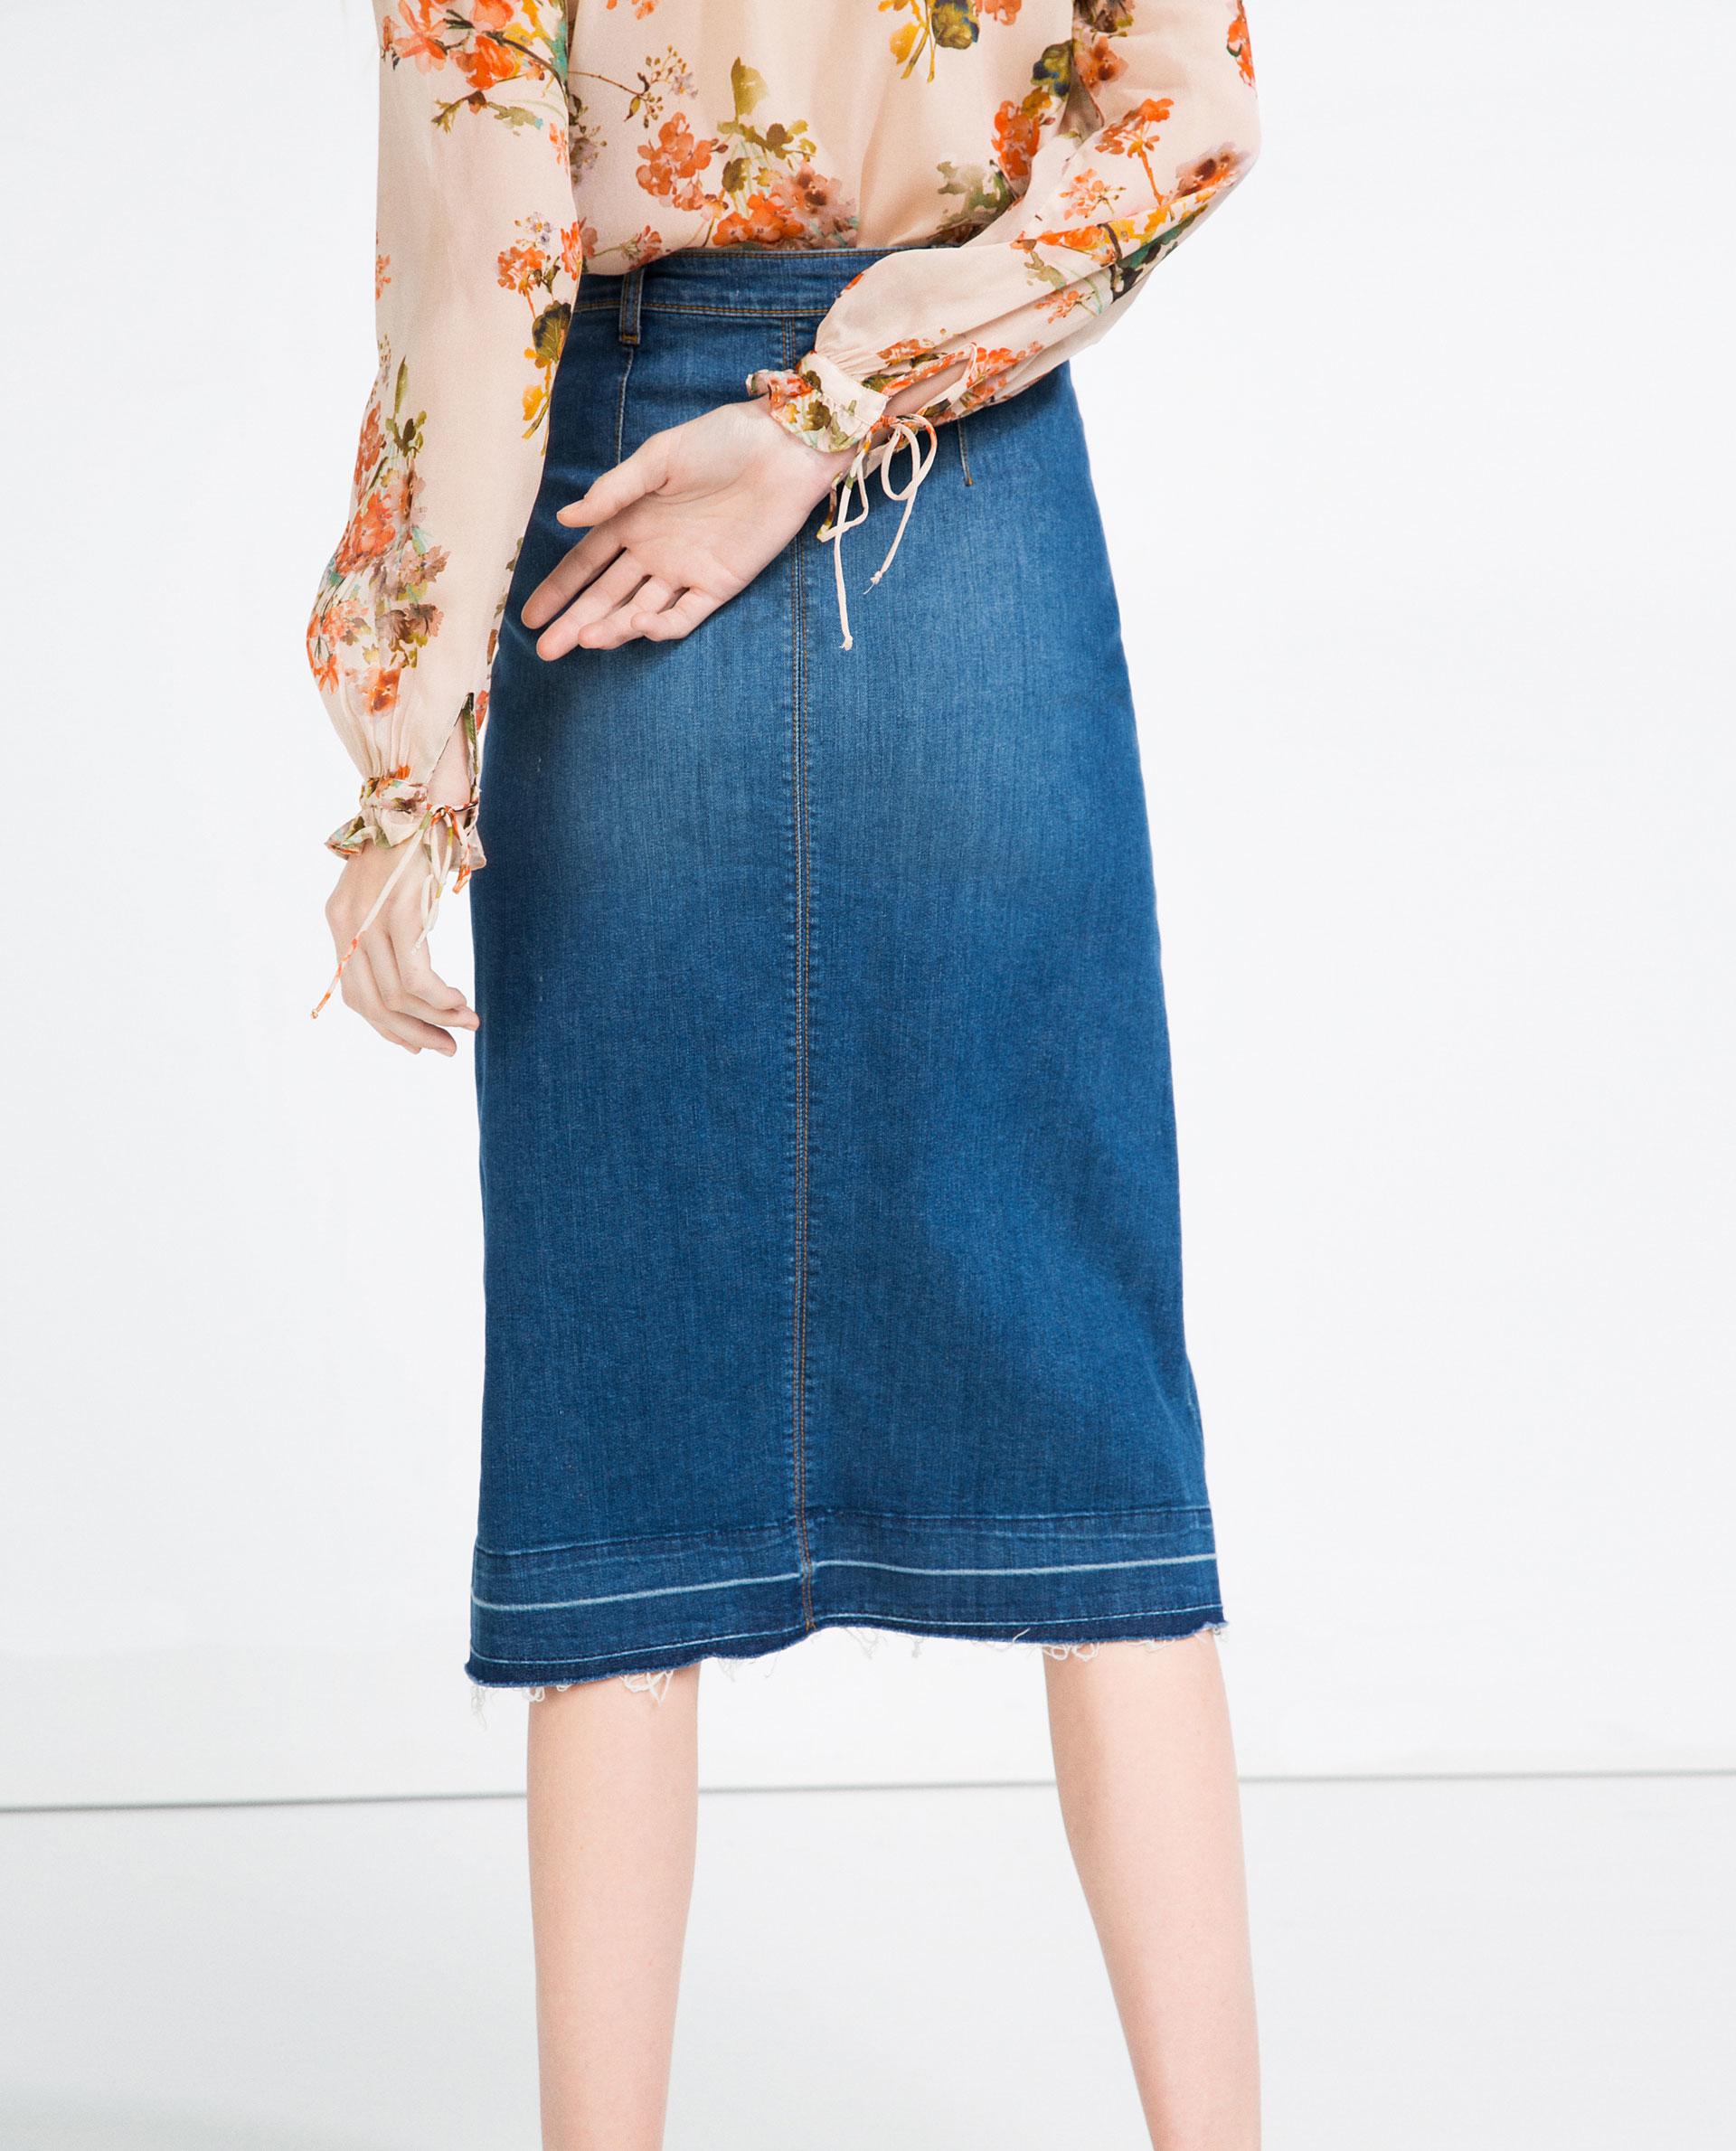 Zara Buttoned Mid-length Denim Skirt in Blue | Lyst